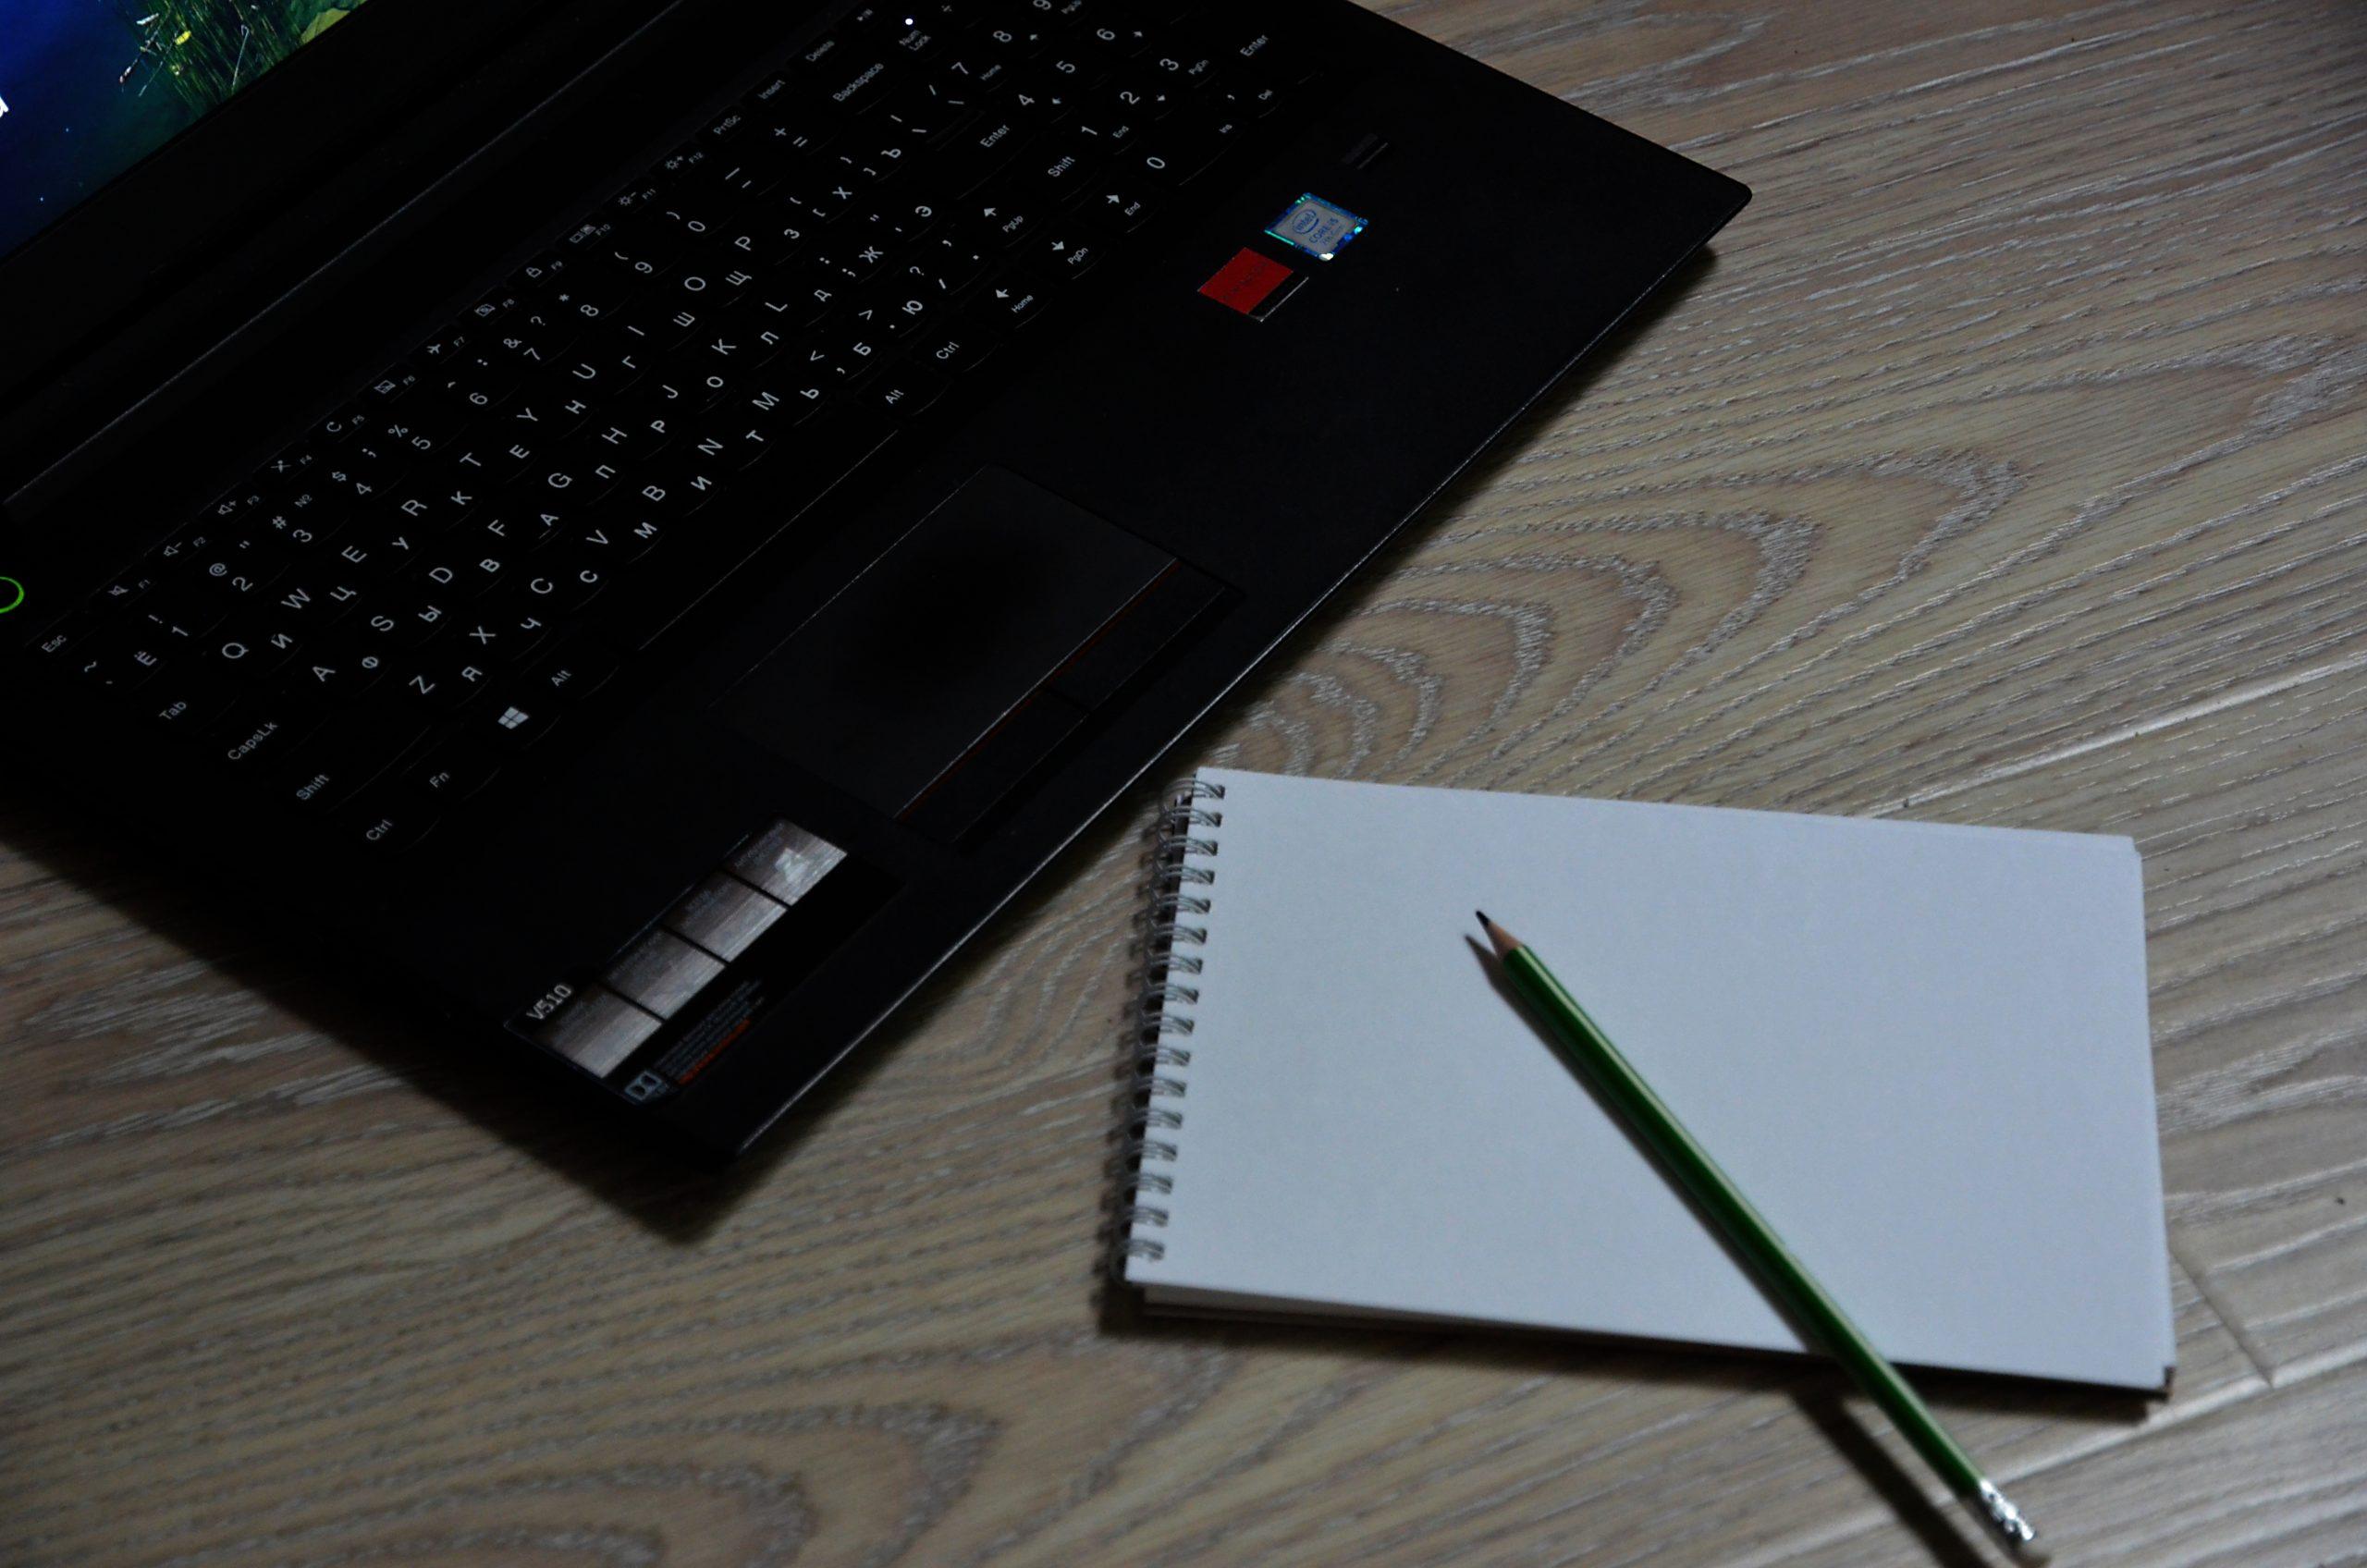 Культурные встречи и мастер-классы: сотрудники библиотеки Южного округа проведут онлайн-мероприятия. Фото: Анна Быкова